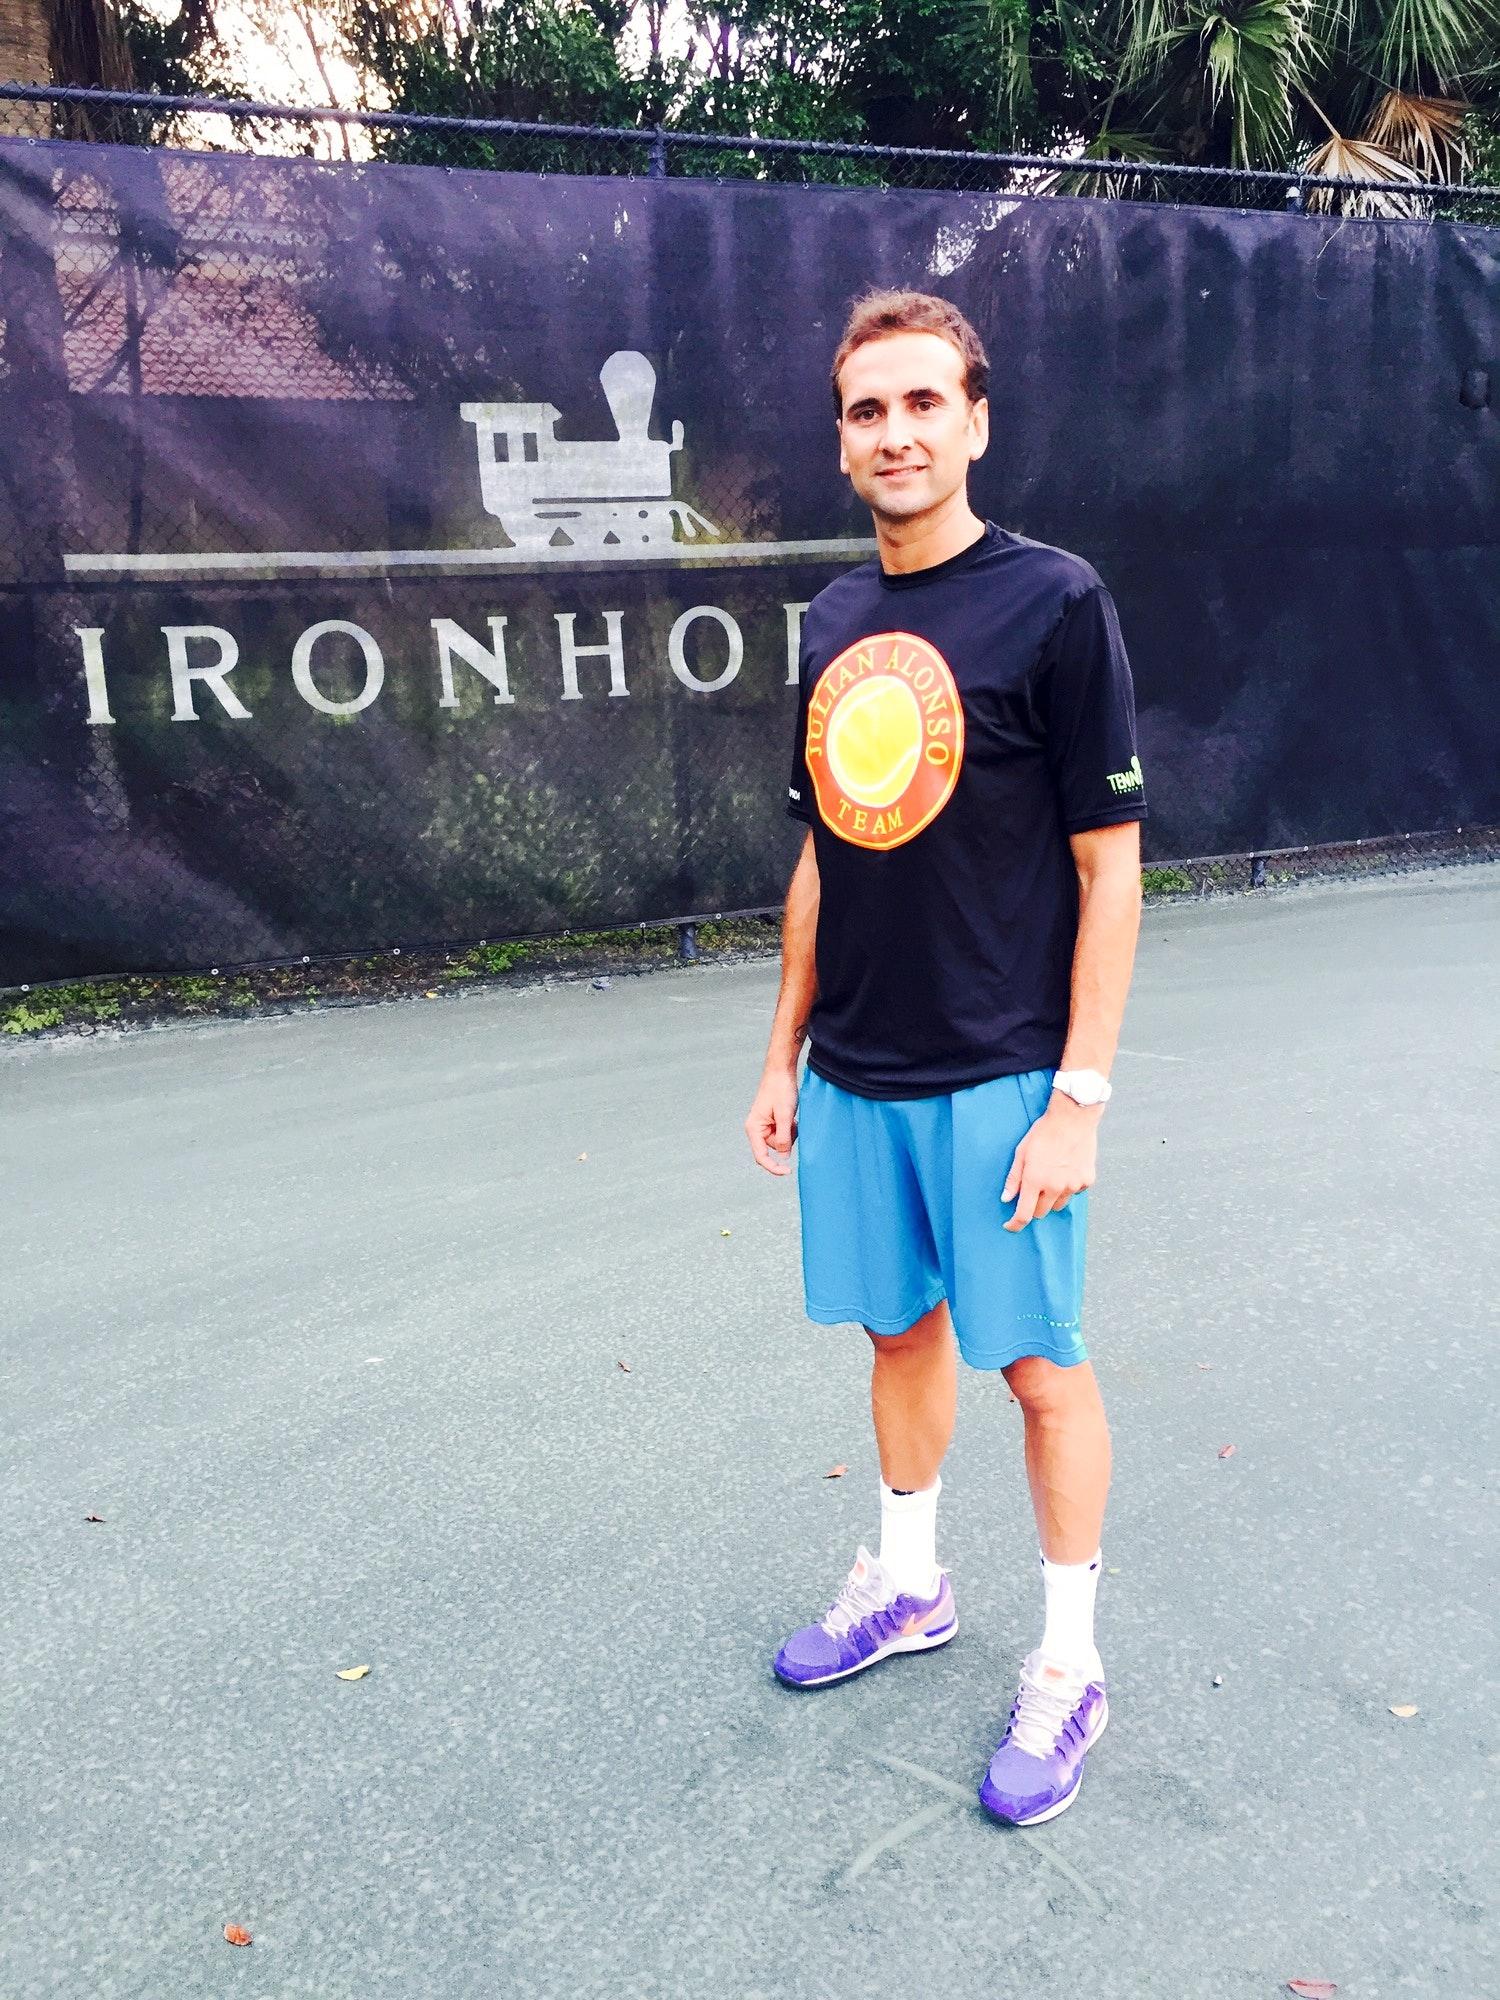 Sergio M. teaches tennis lessons in Jupiter, FL